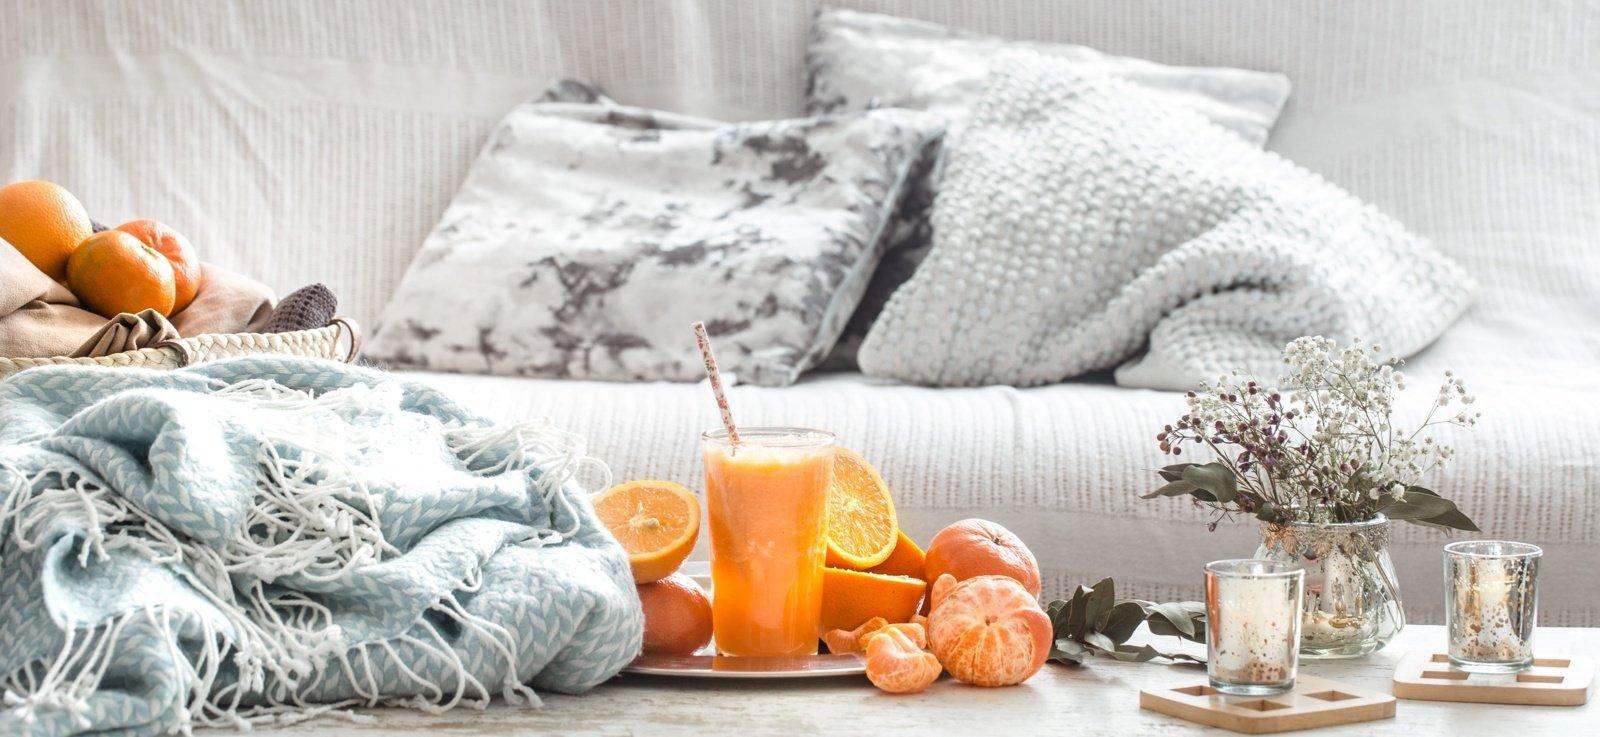 Vitaminai C ir D - kodėl jų reikia žiemą ir kuo jie naudingi?